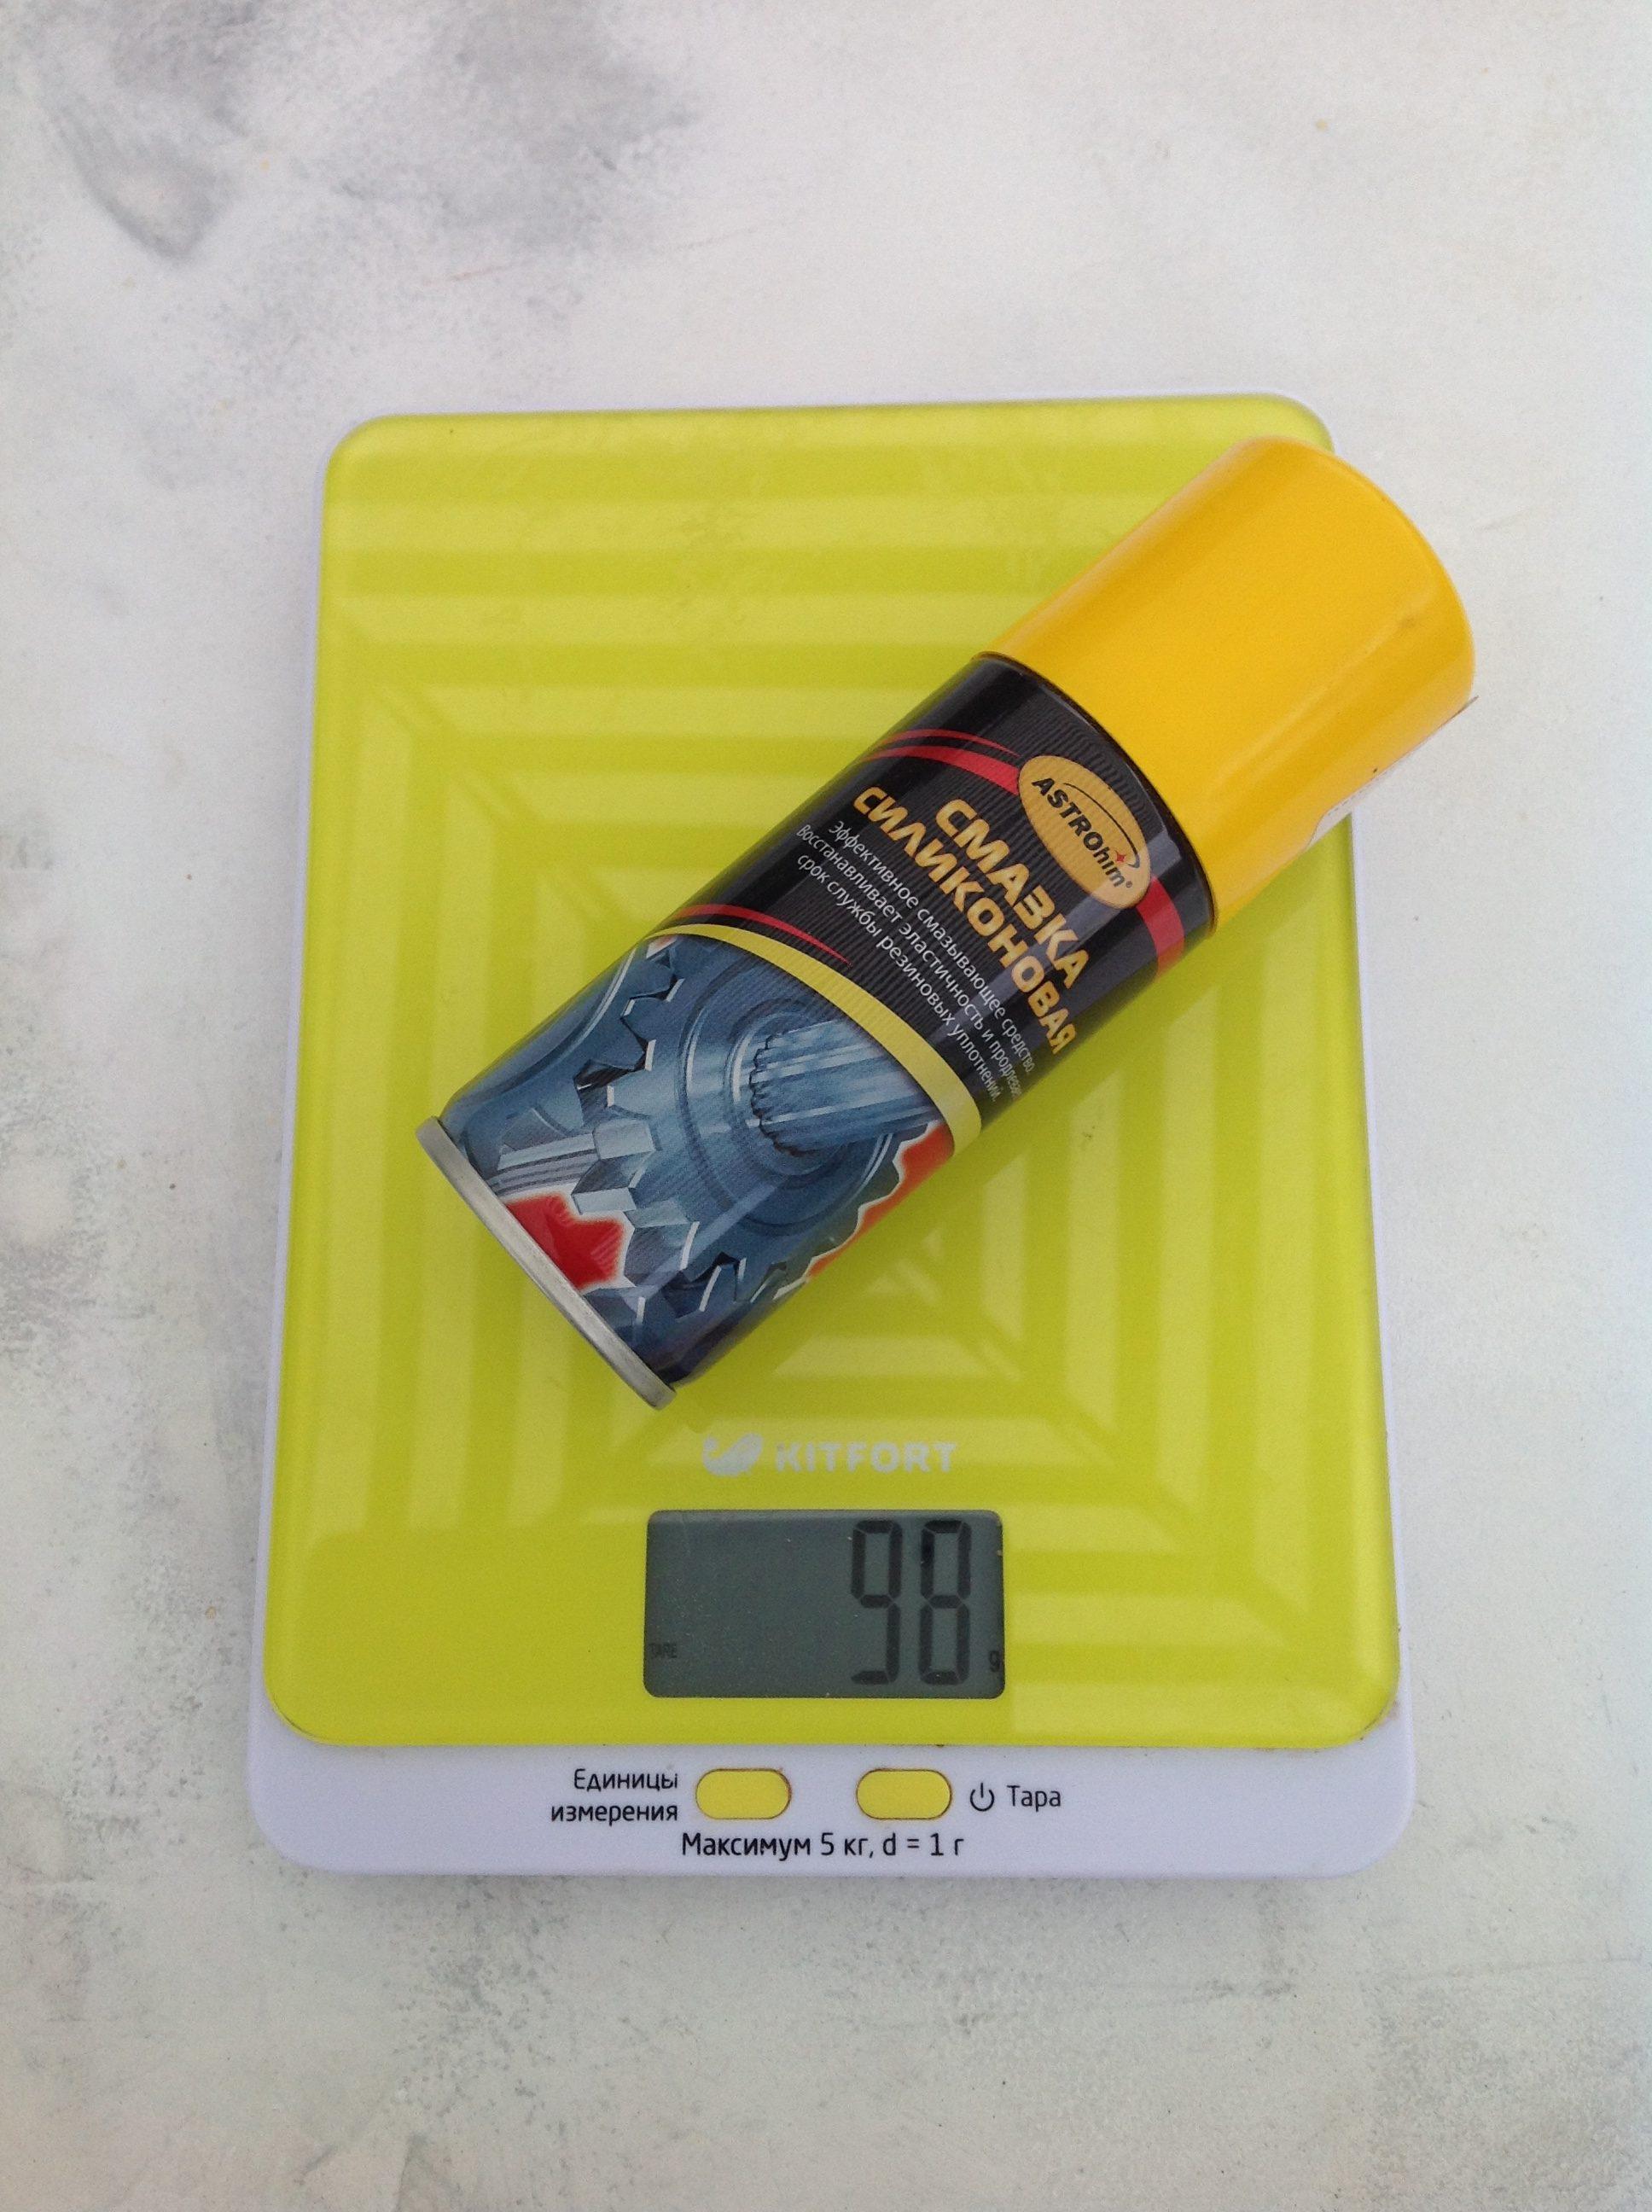 вес баллончика силиконовой смазки технической